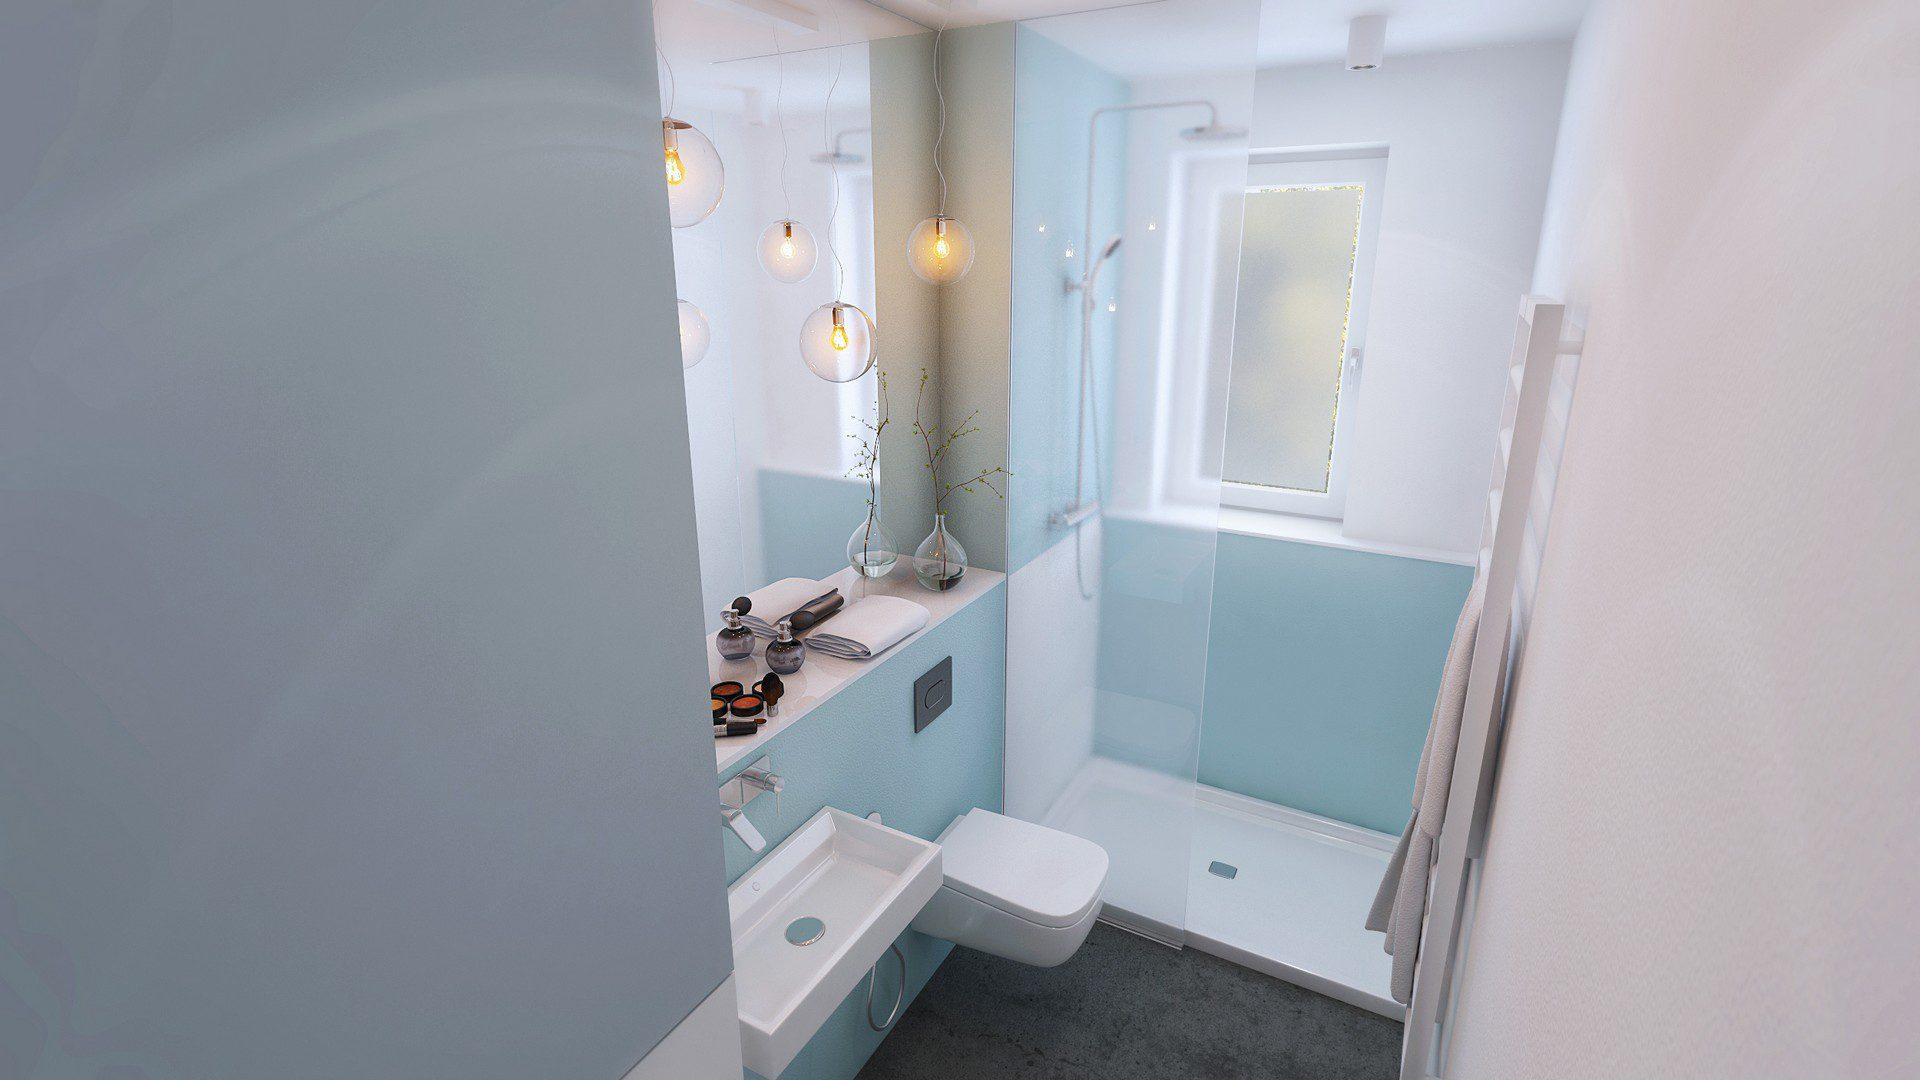 wizualizacja architektoniczna łazienki w mieszkaniu w katowicach